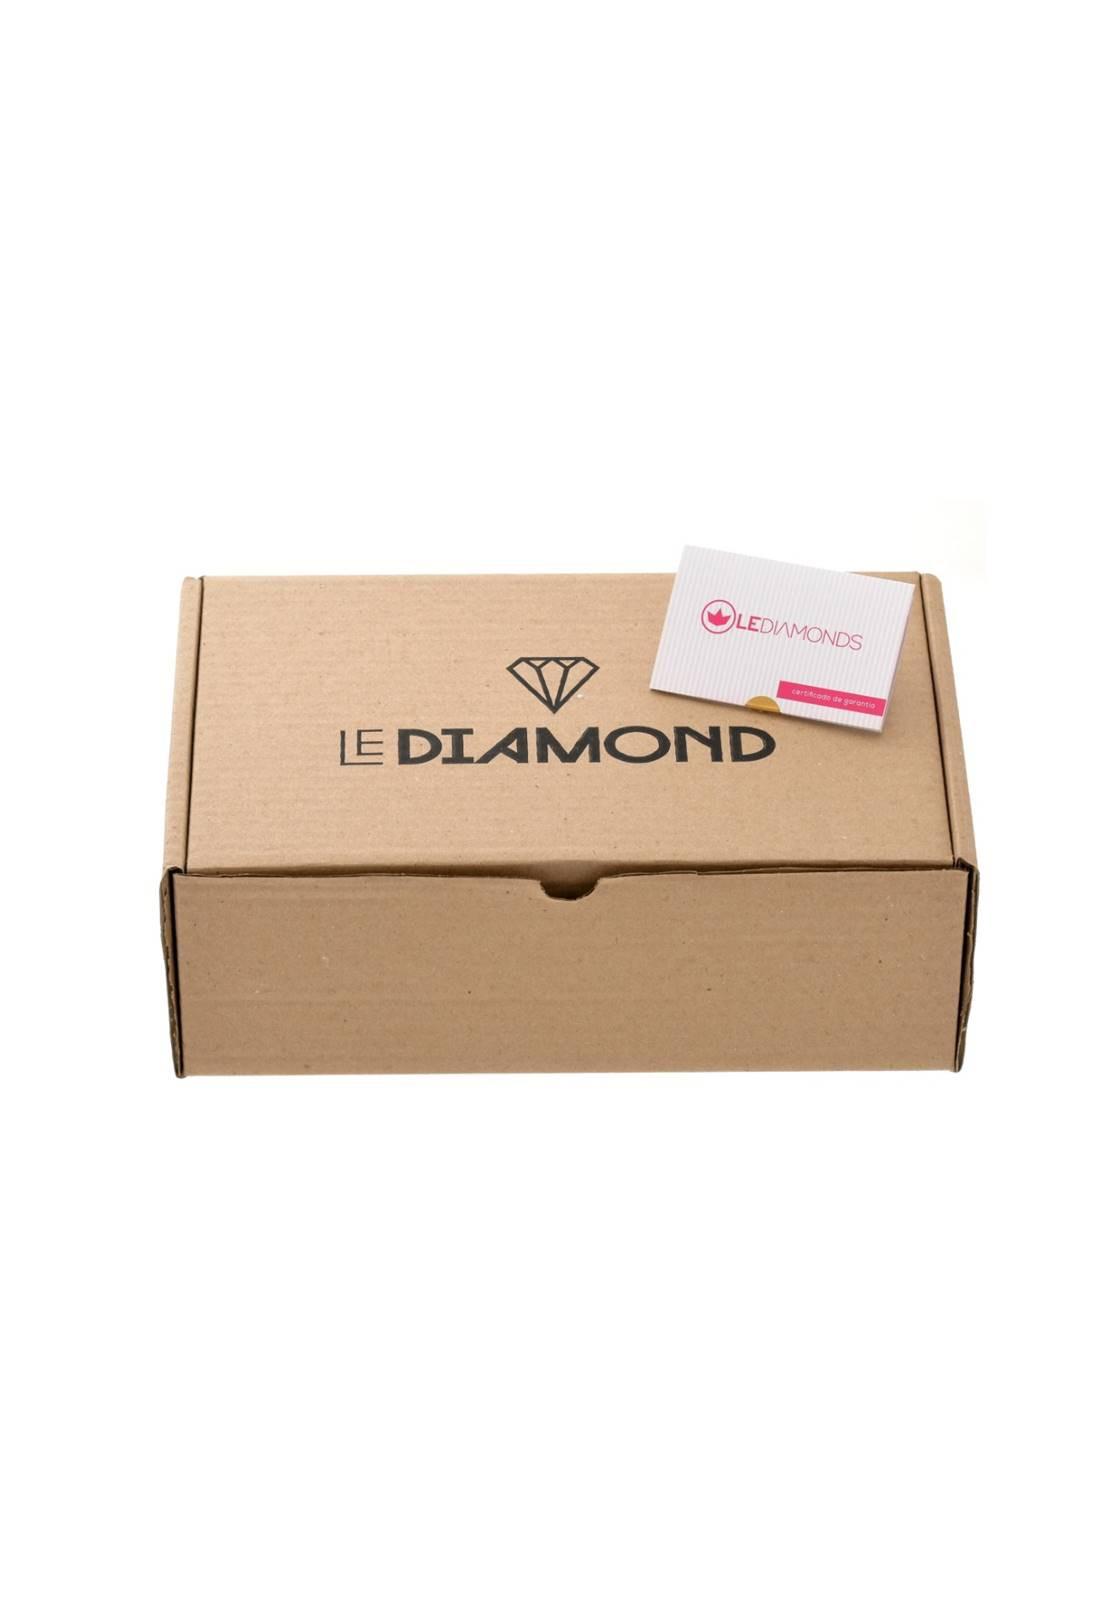 Brinco Le Diamond Ear Jacket Asa com Coração Prata